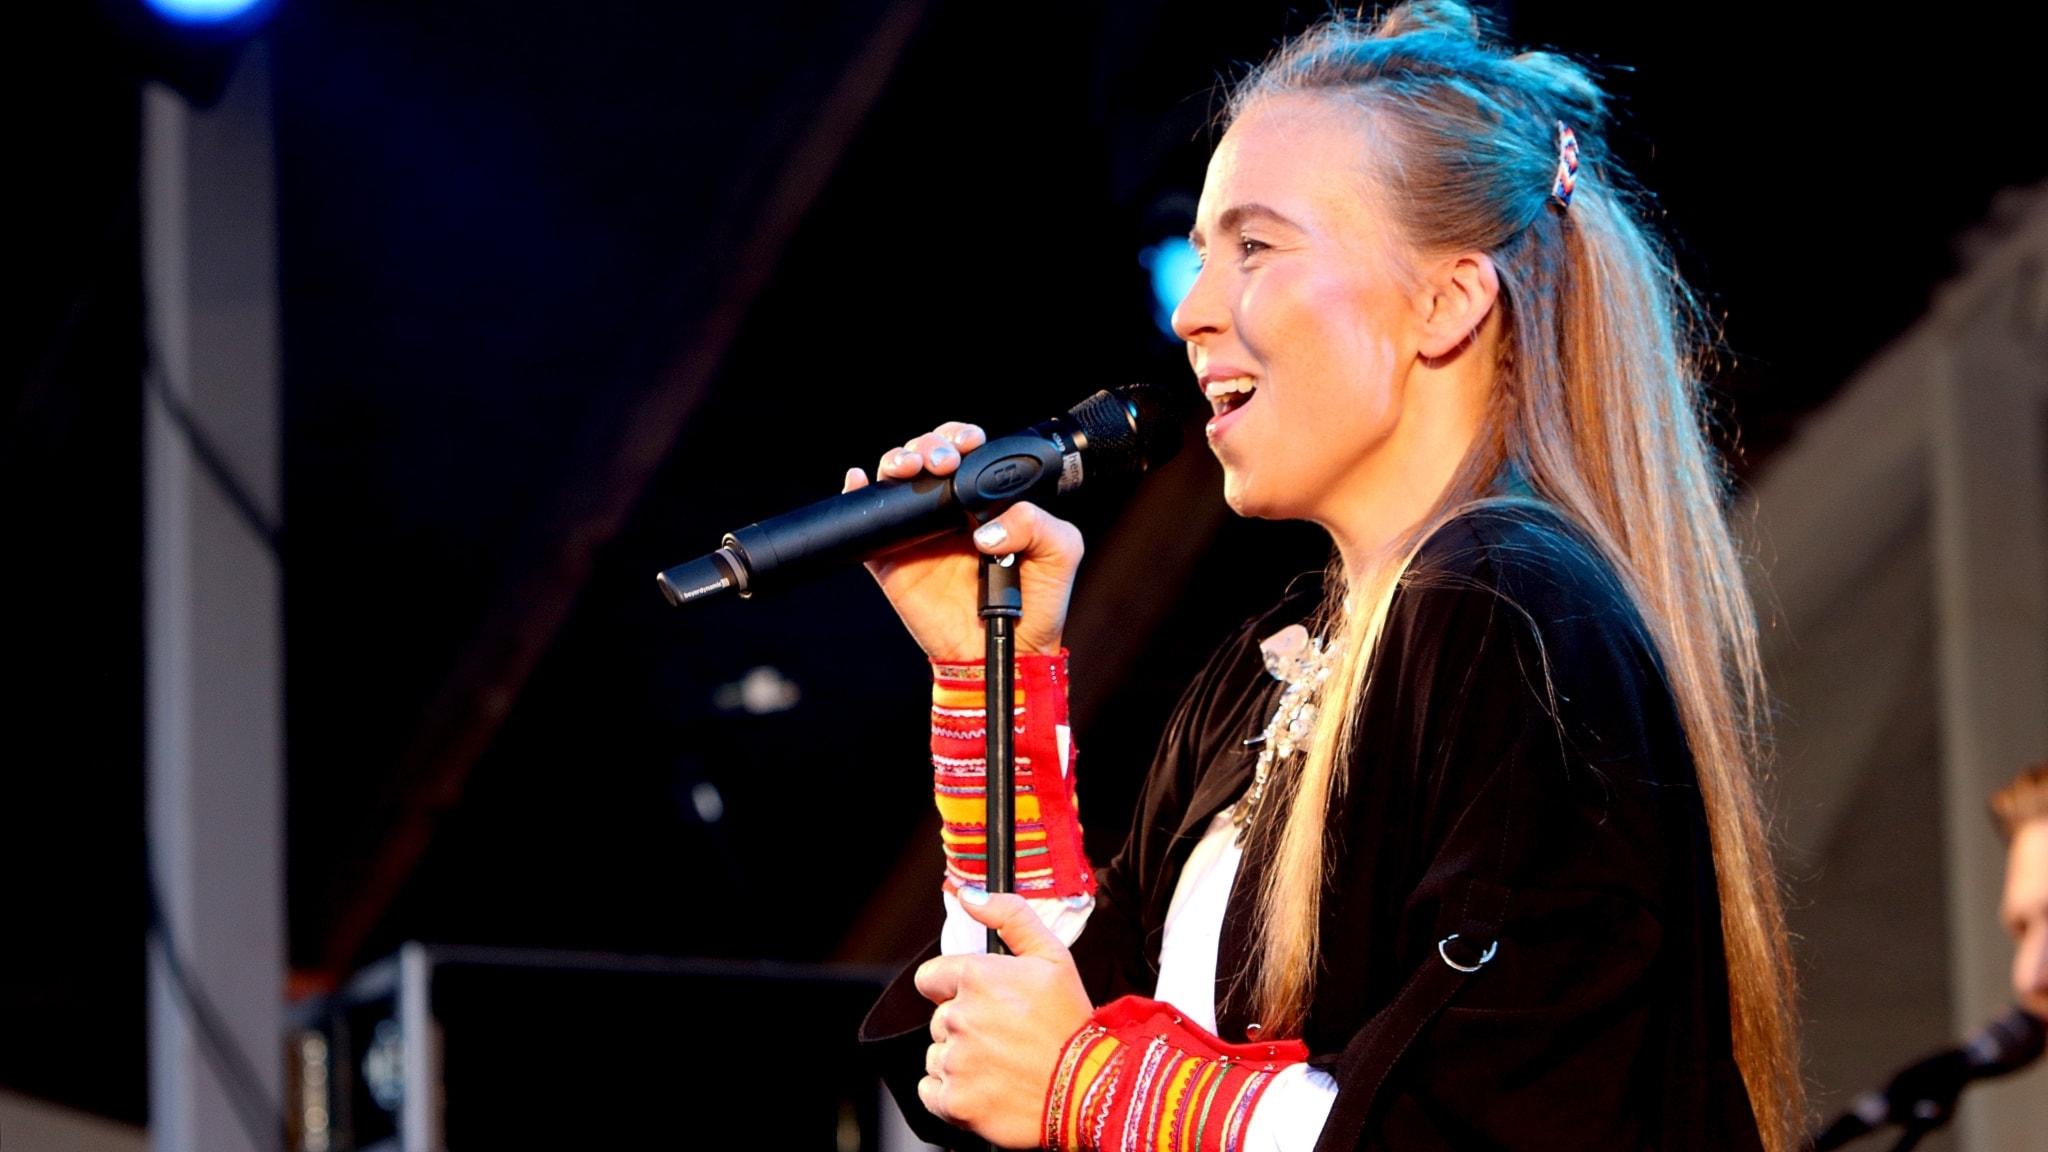 KONSERT: Samisk nationaldag med Vassvik och Sofia Jannok på Urkult